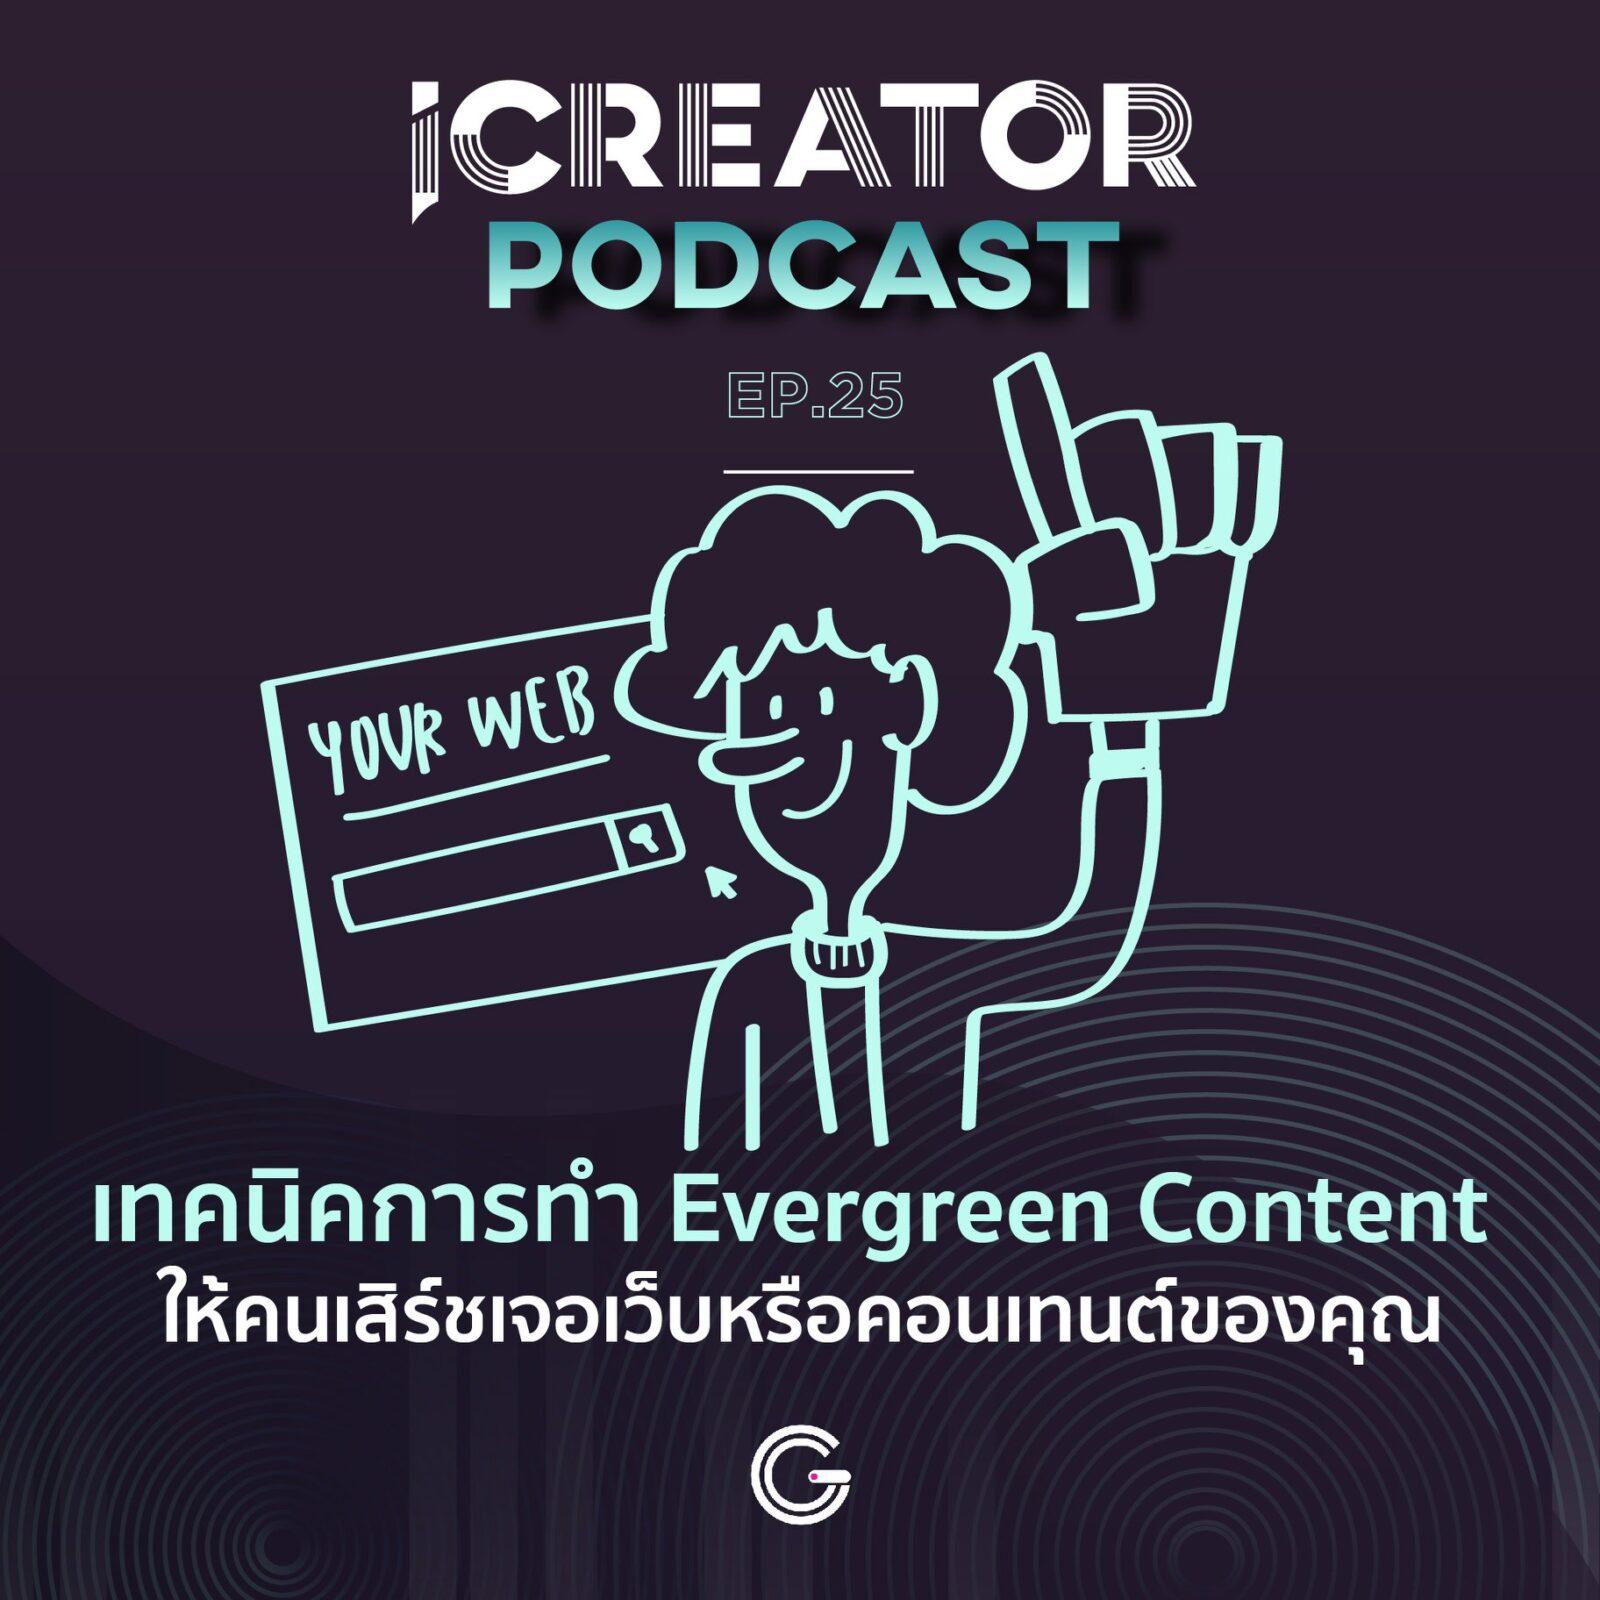 เทคนิคการทำ Evergreen Content ให้คนเสิร์ชเจอเว็บหรือคอนเทนต์ของคุณ